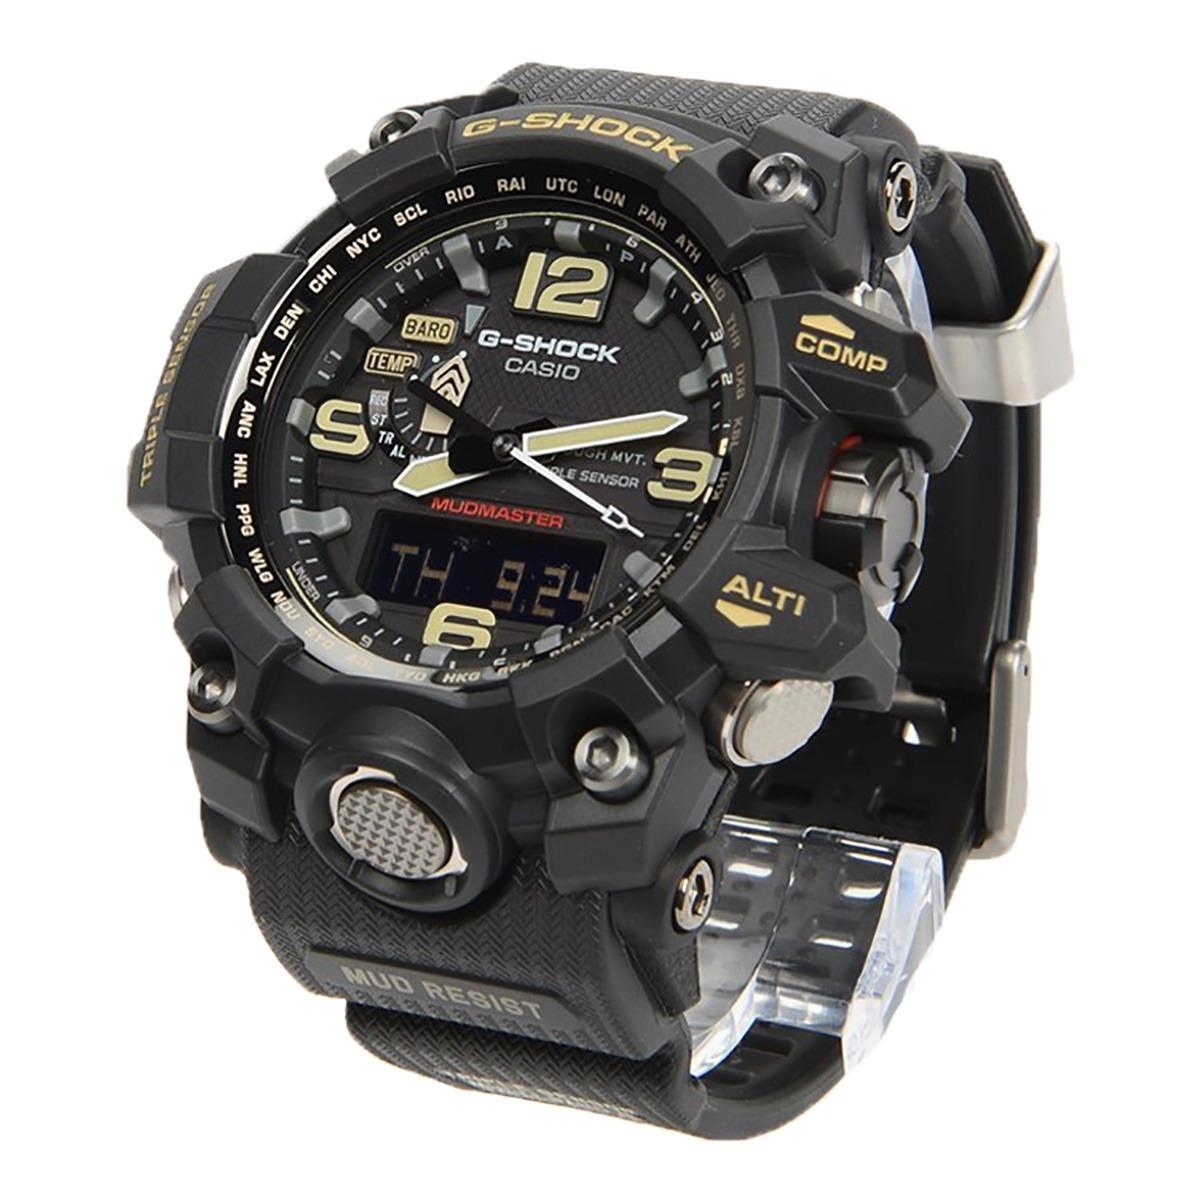 Encargue Casio Cuotas Shock G 1a 1000 Reloj 12 Gwg Por dBhsrCtQx